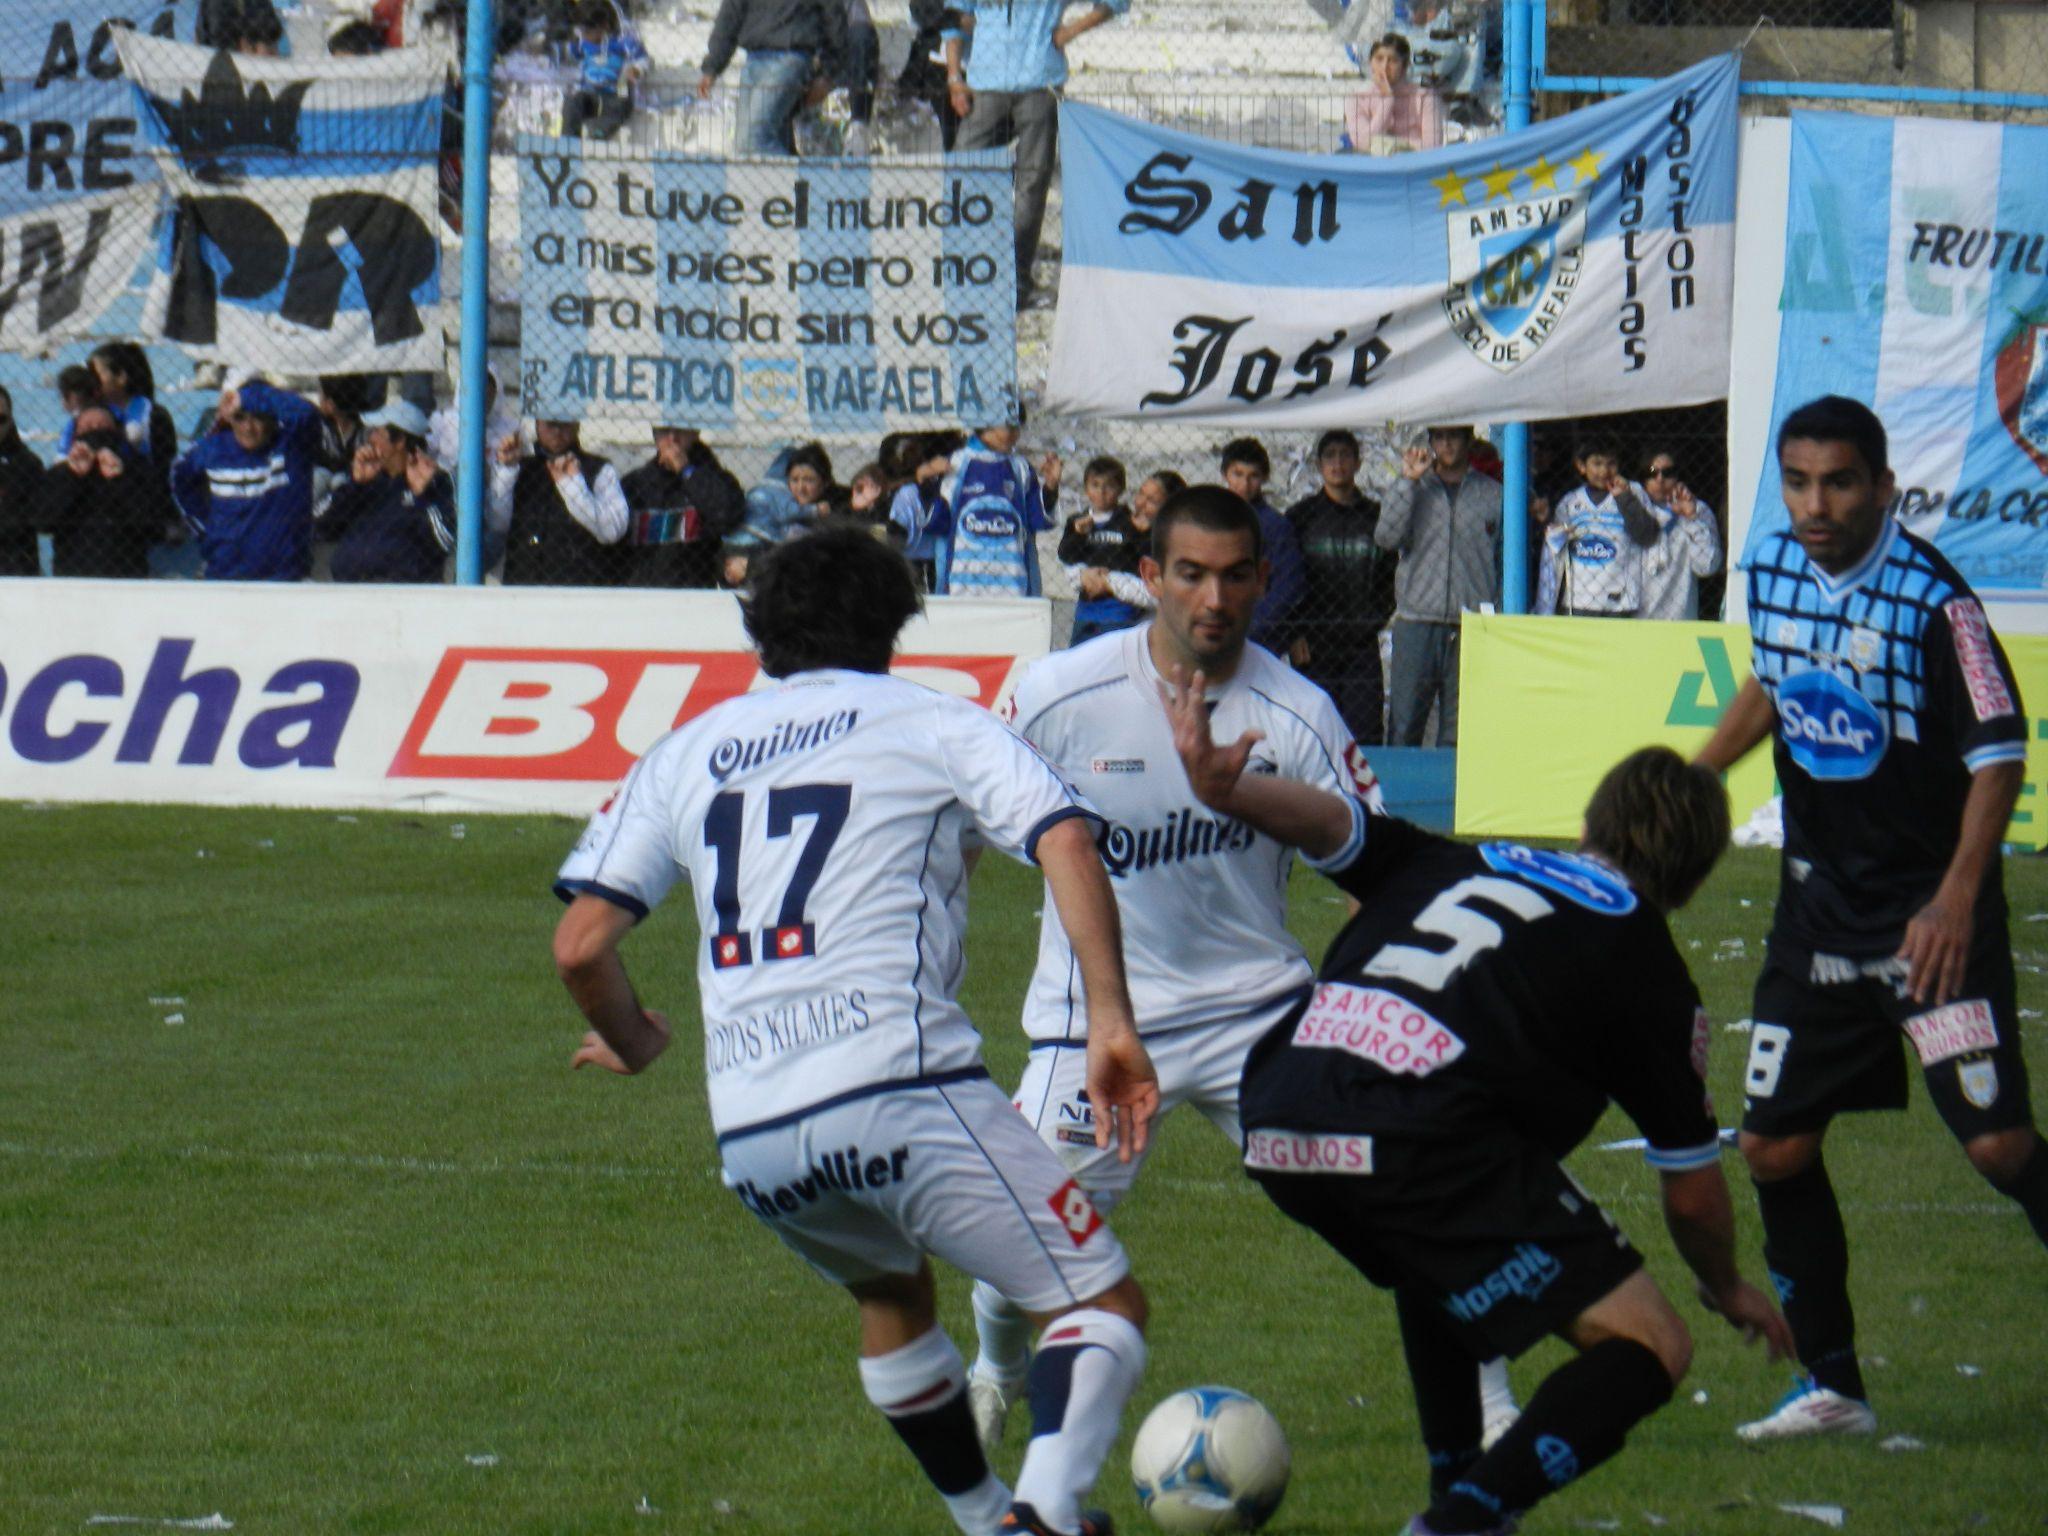 Quilmes y Atlético Rafaela